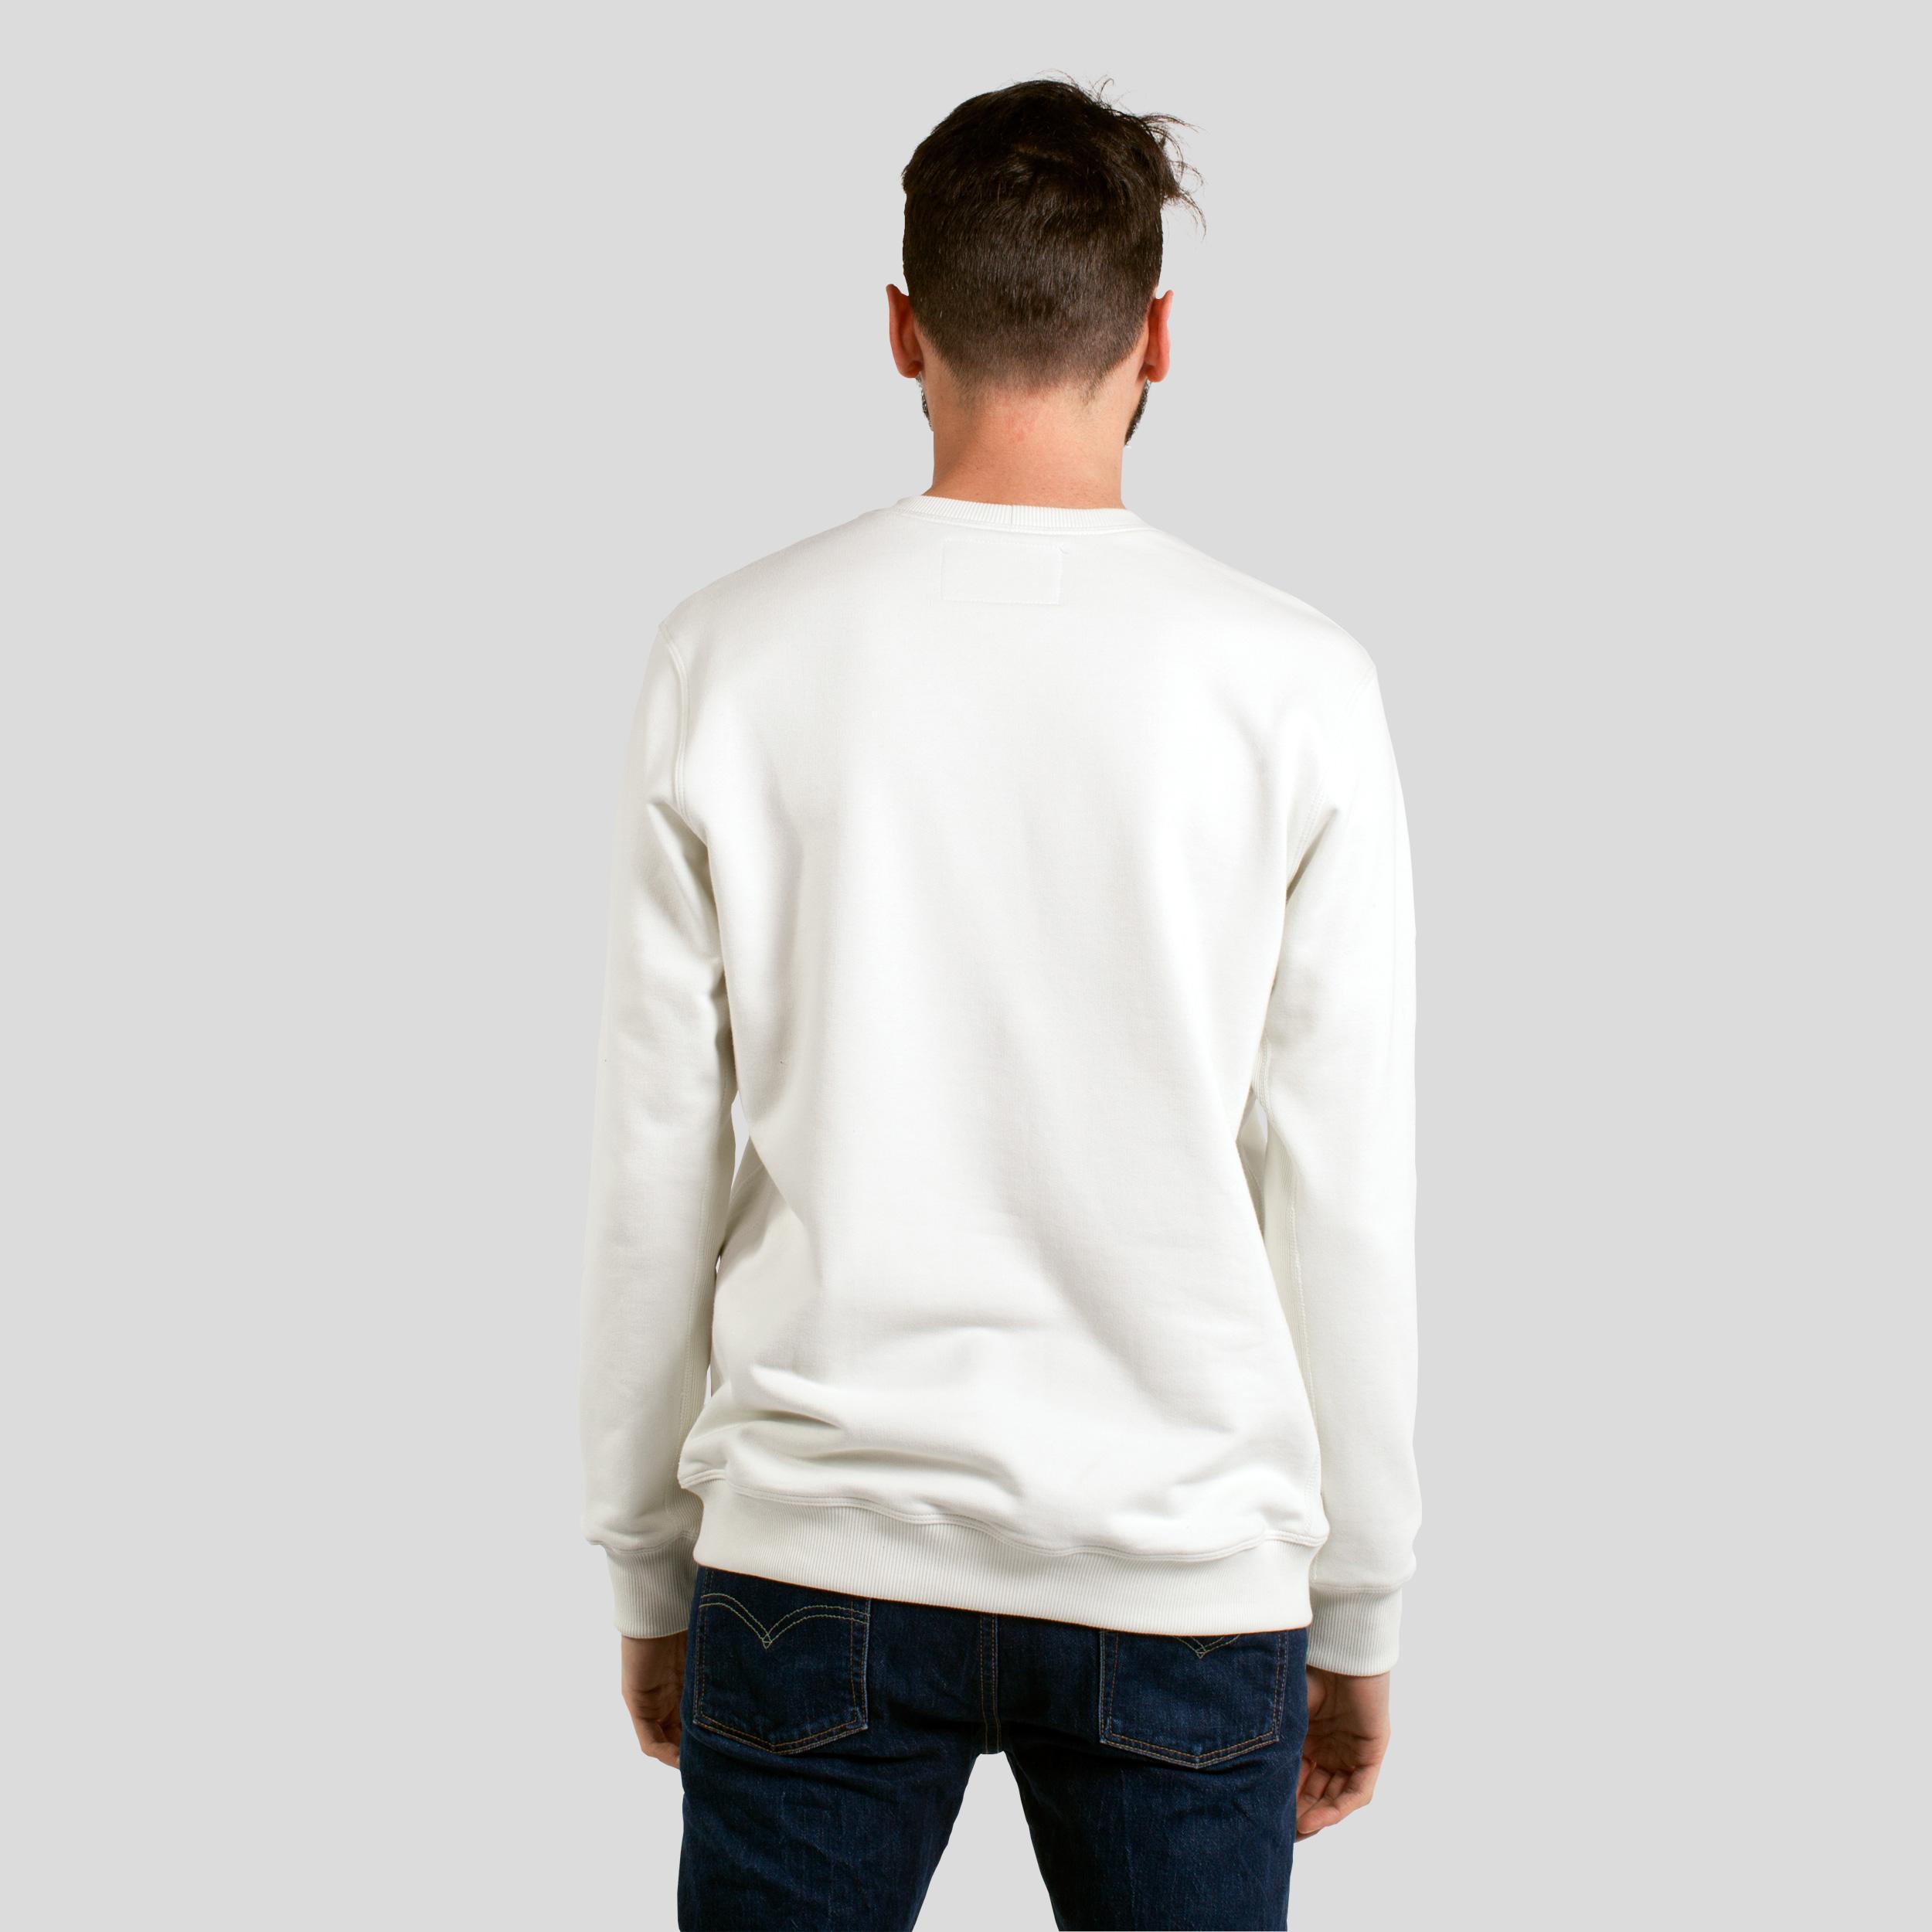 larry-white-back.jpg